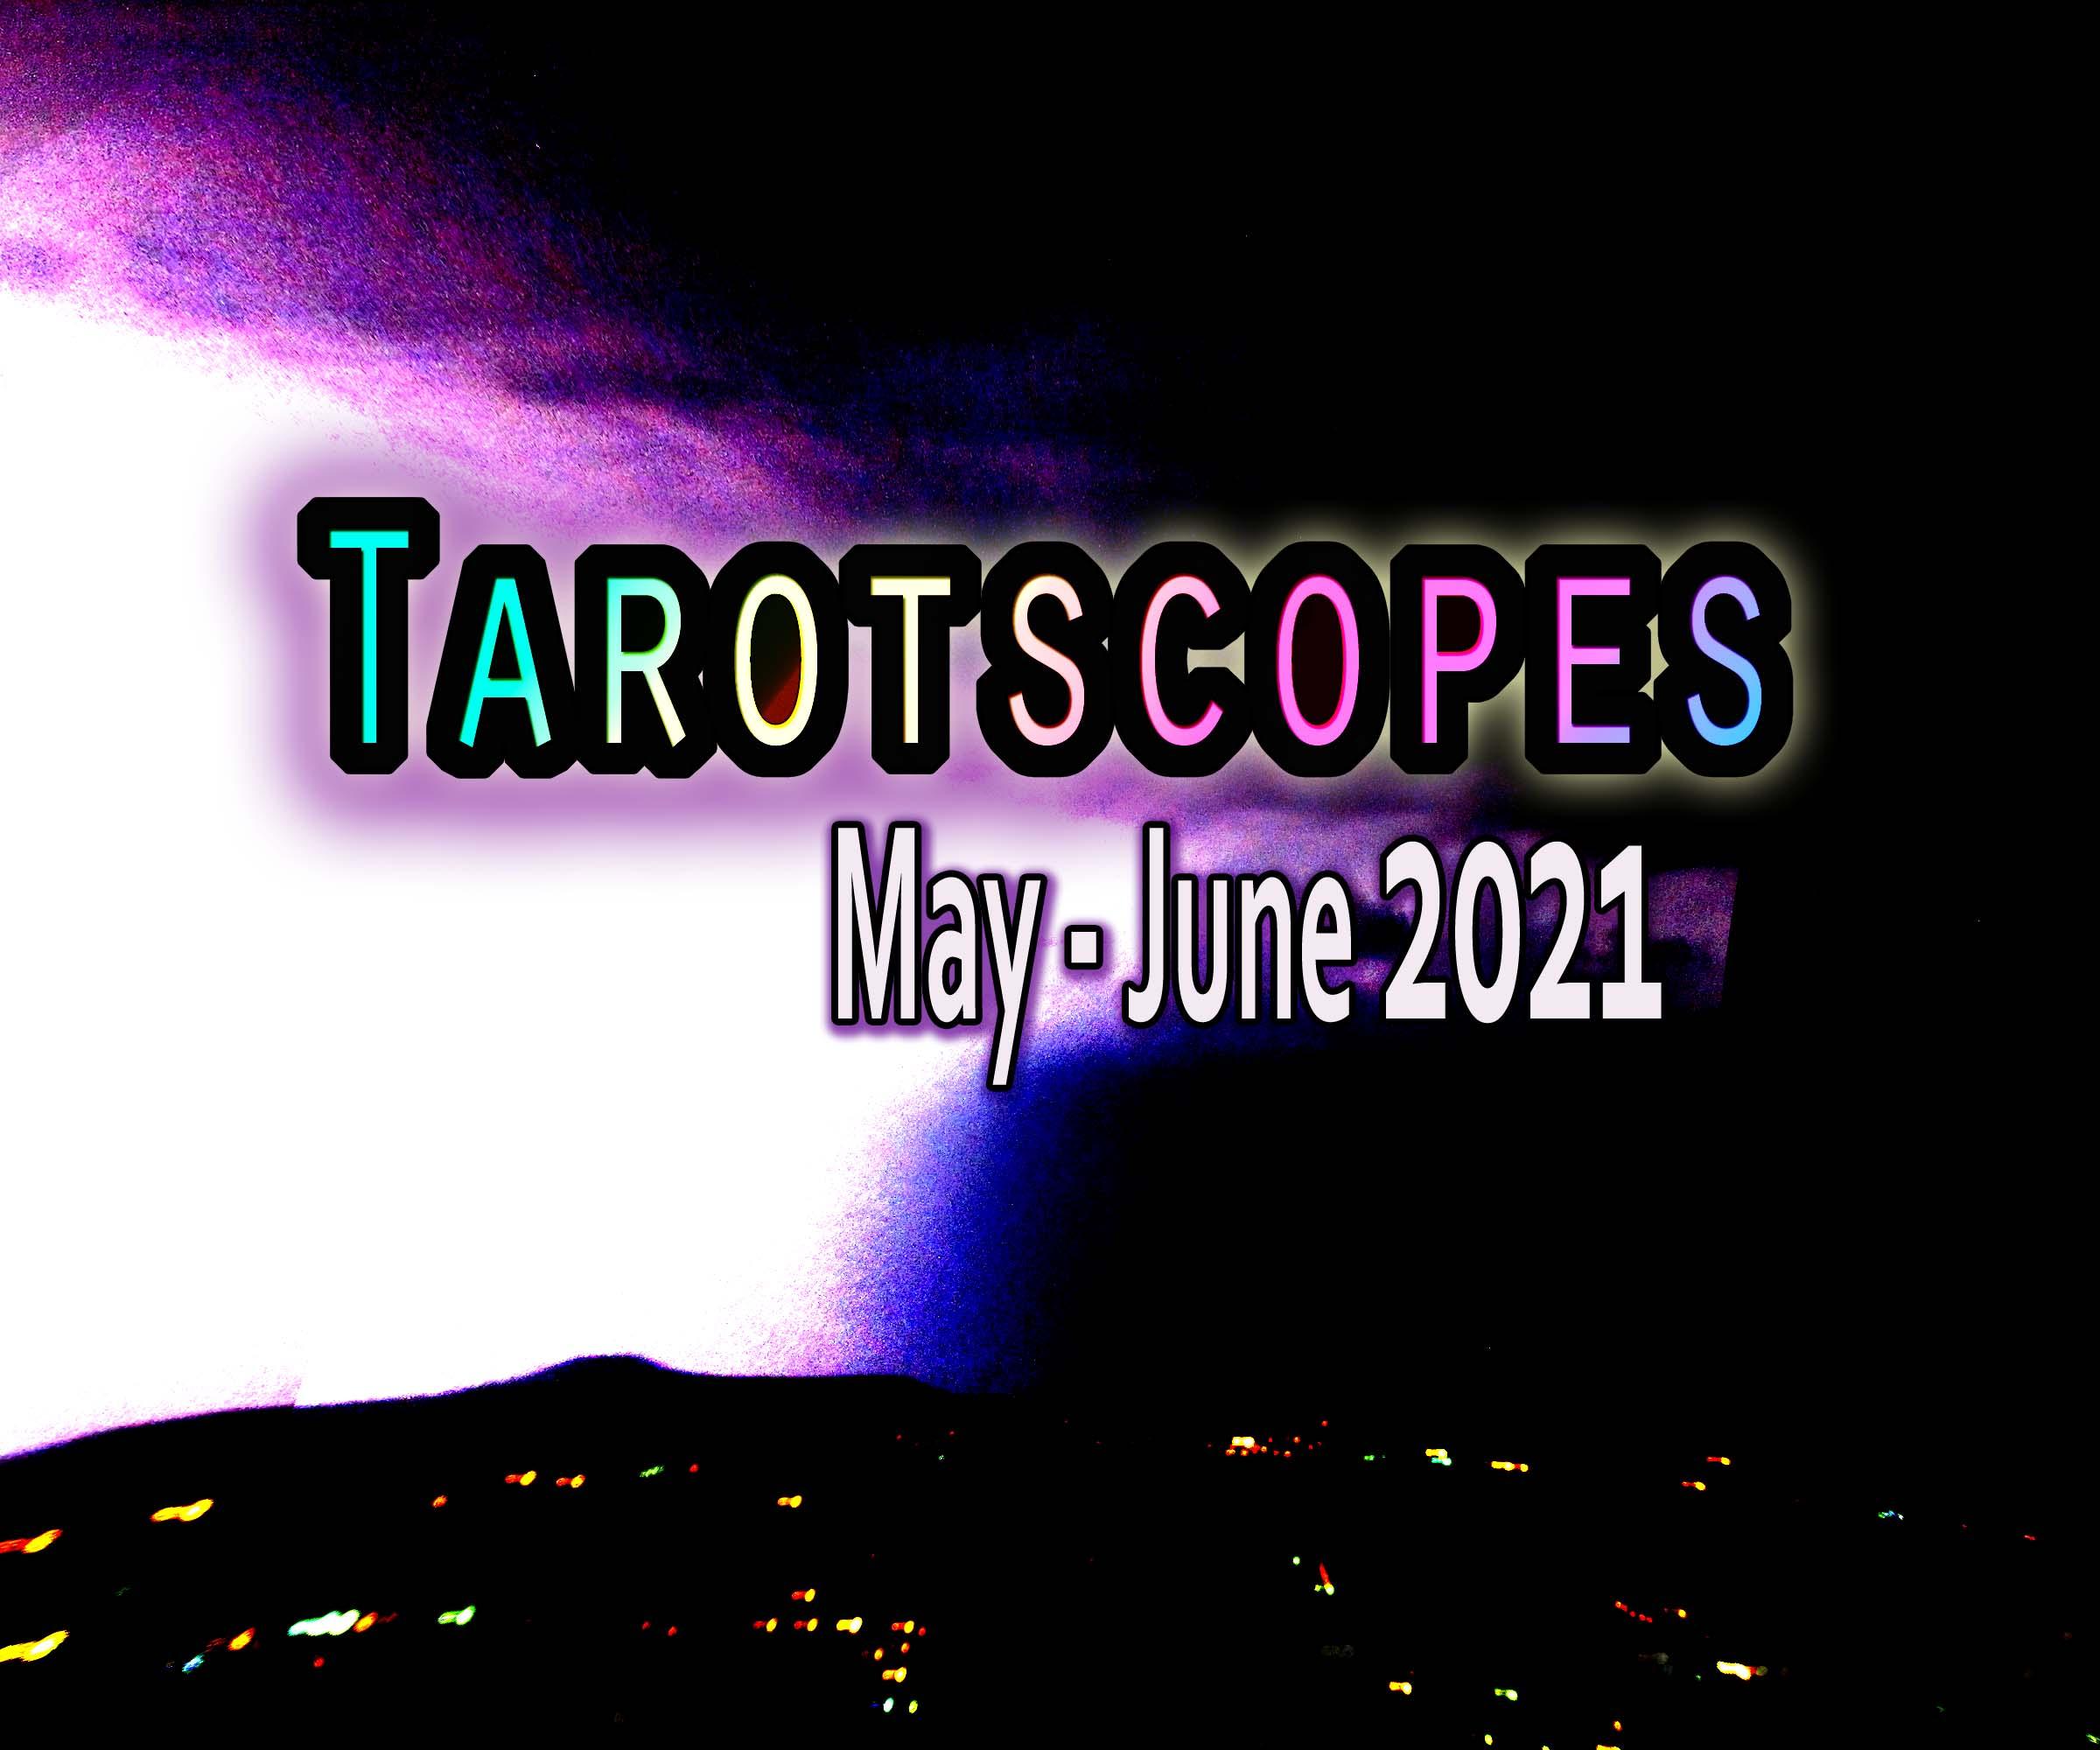 Tarotscopes May to June 2021